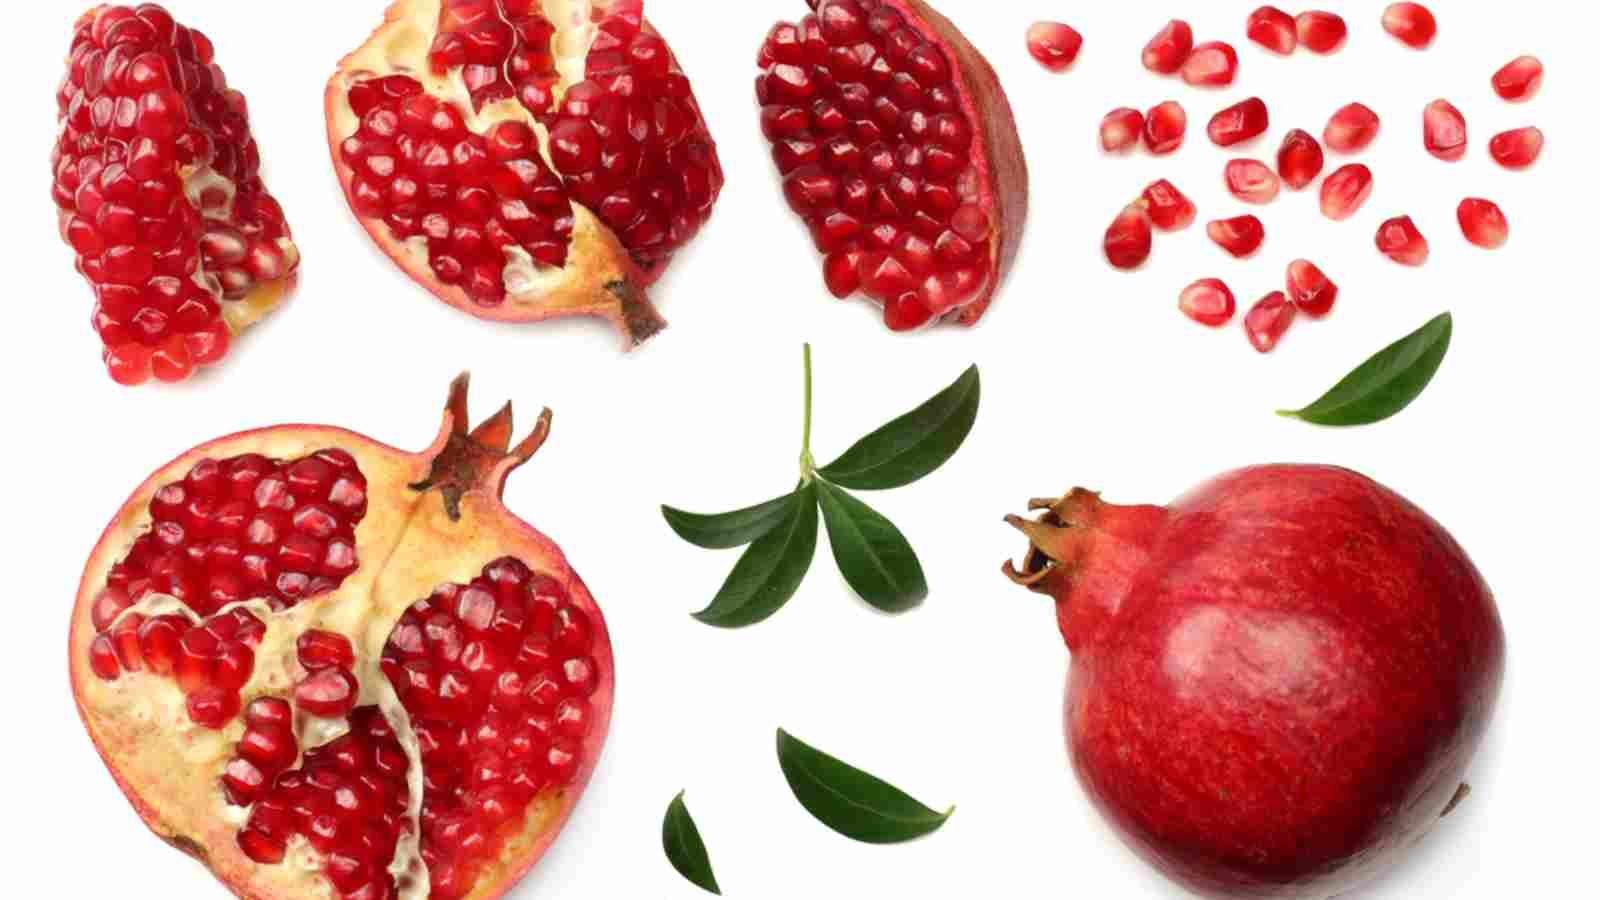 فوائد الرمان لمرضى السكري Pomegranate Fruit Fruit Pomegranate